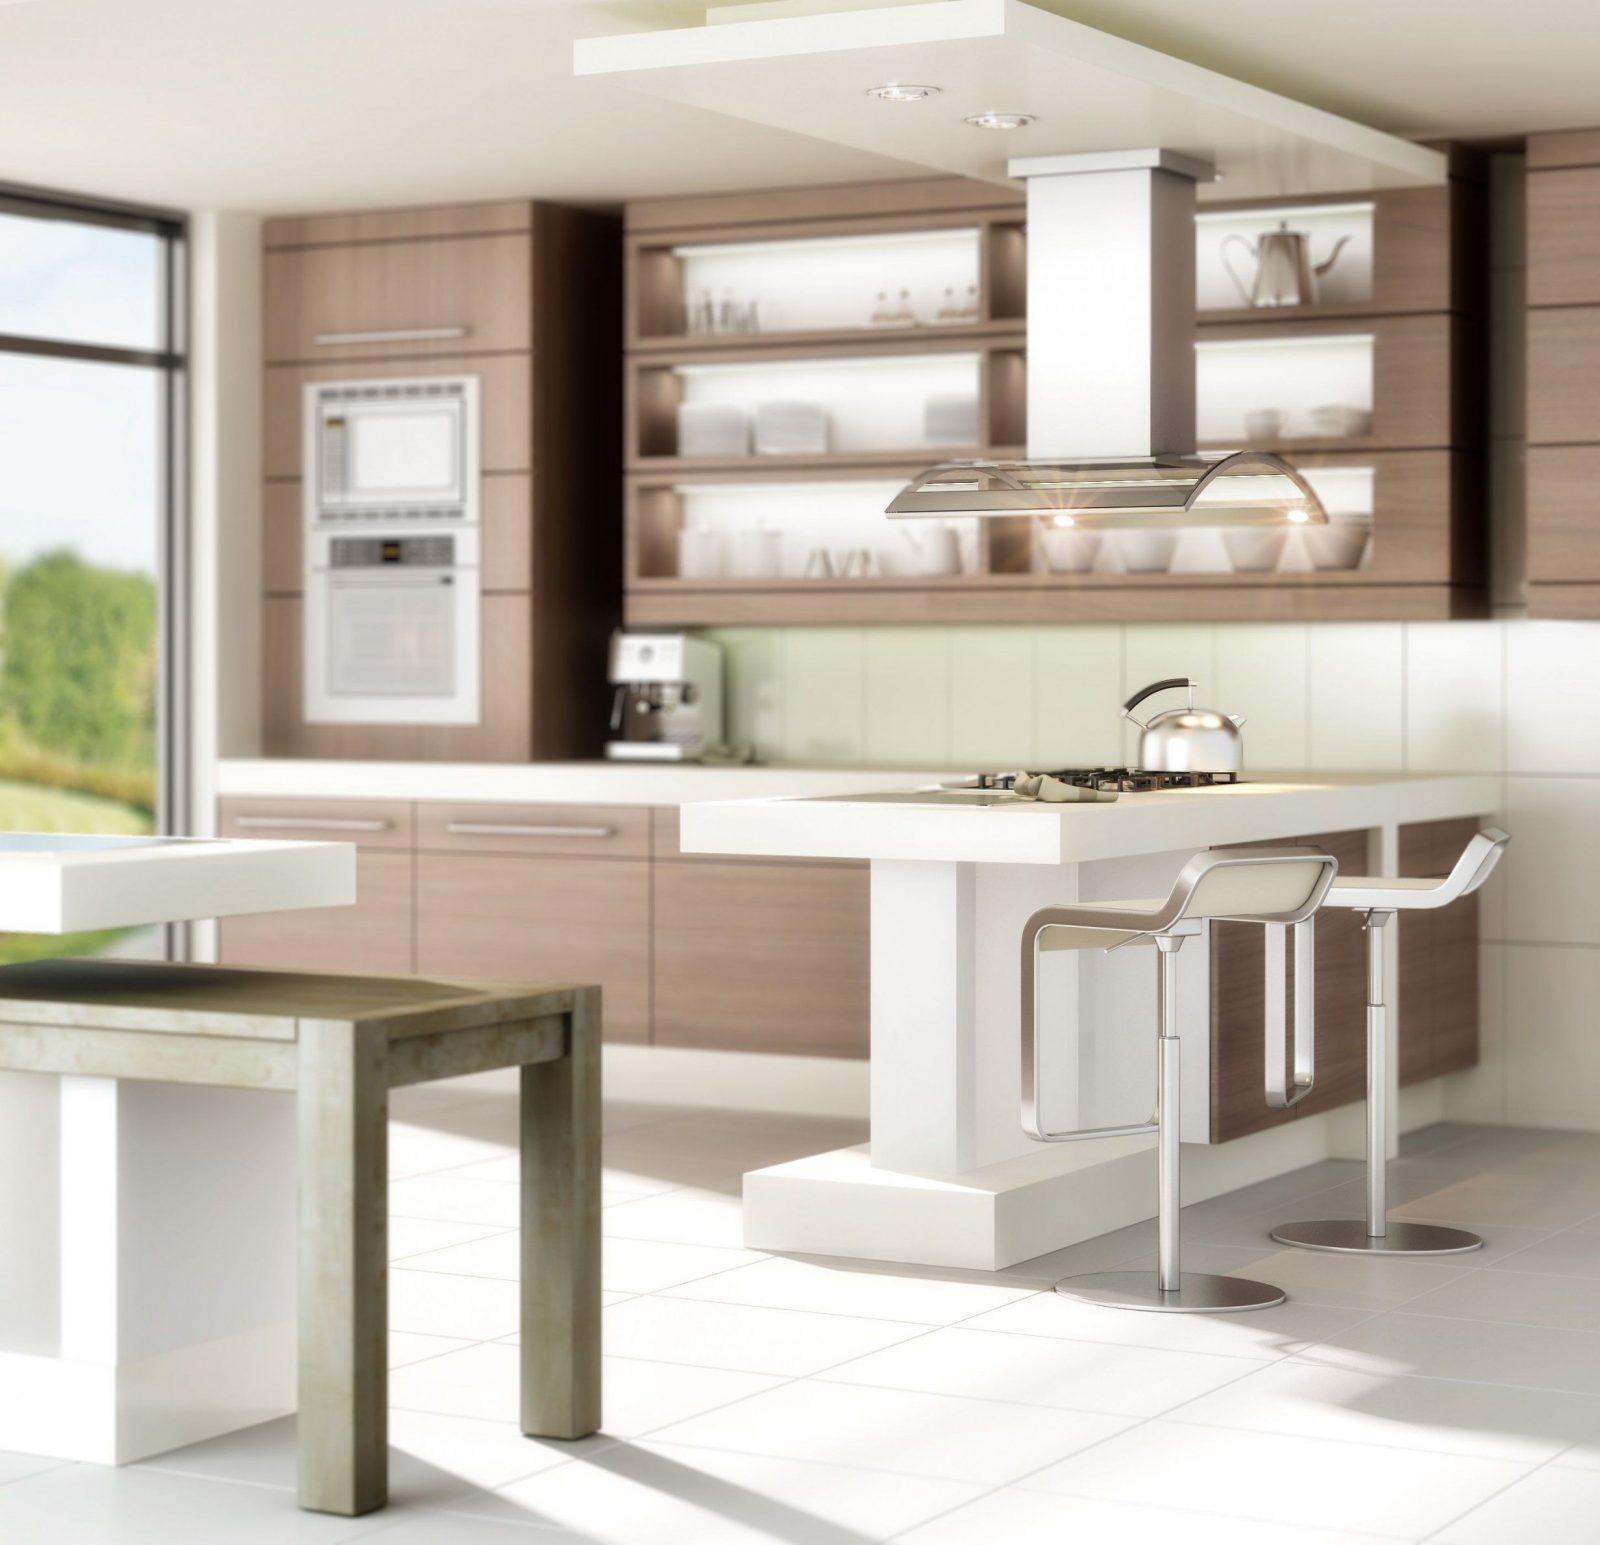 Küchen Impulse Ideen Ratgeber  Wohnküche von Küche Mit Theke Ideen Bild